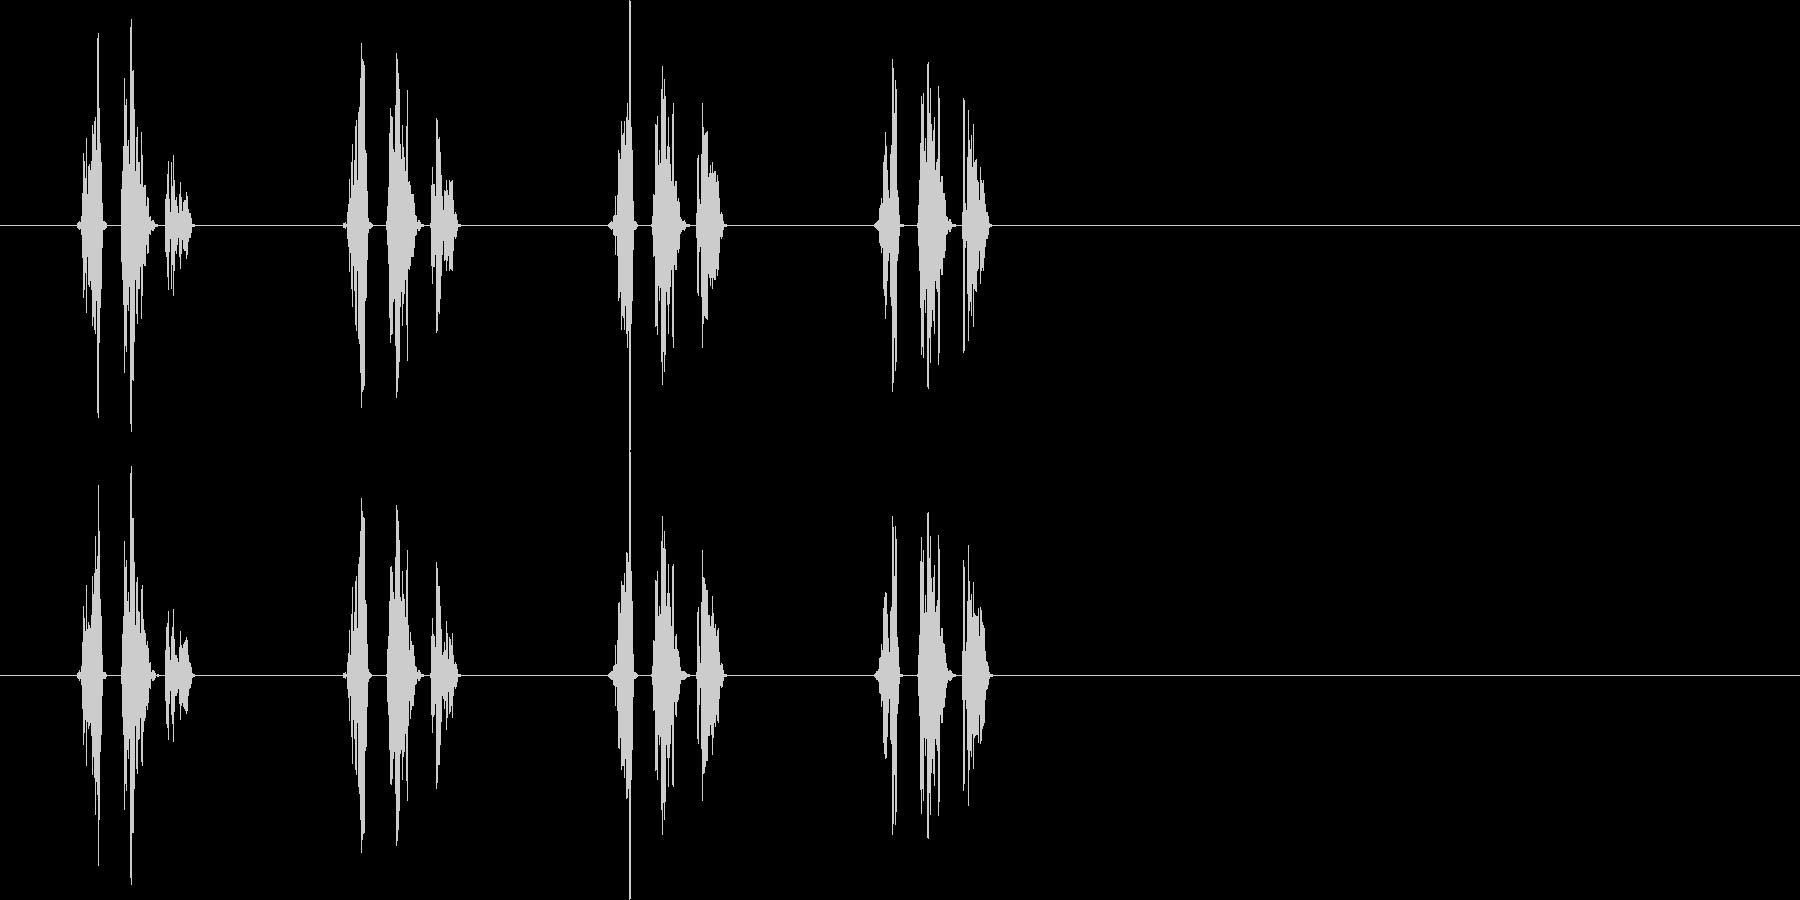 移動音(馬)の未再生の波形